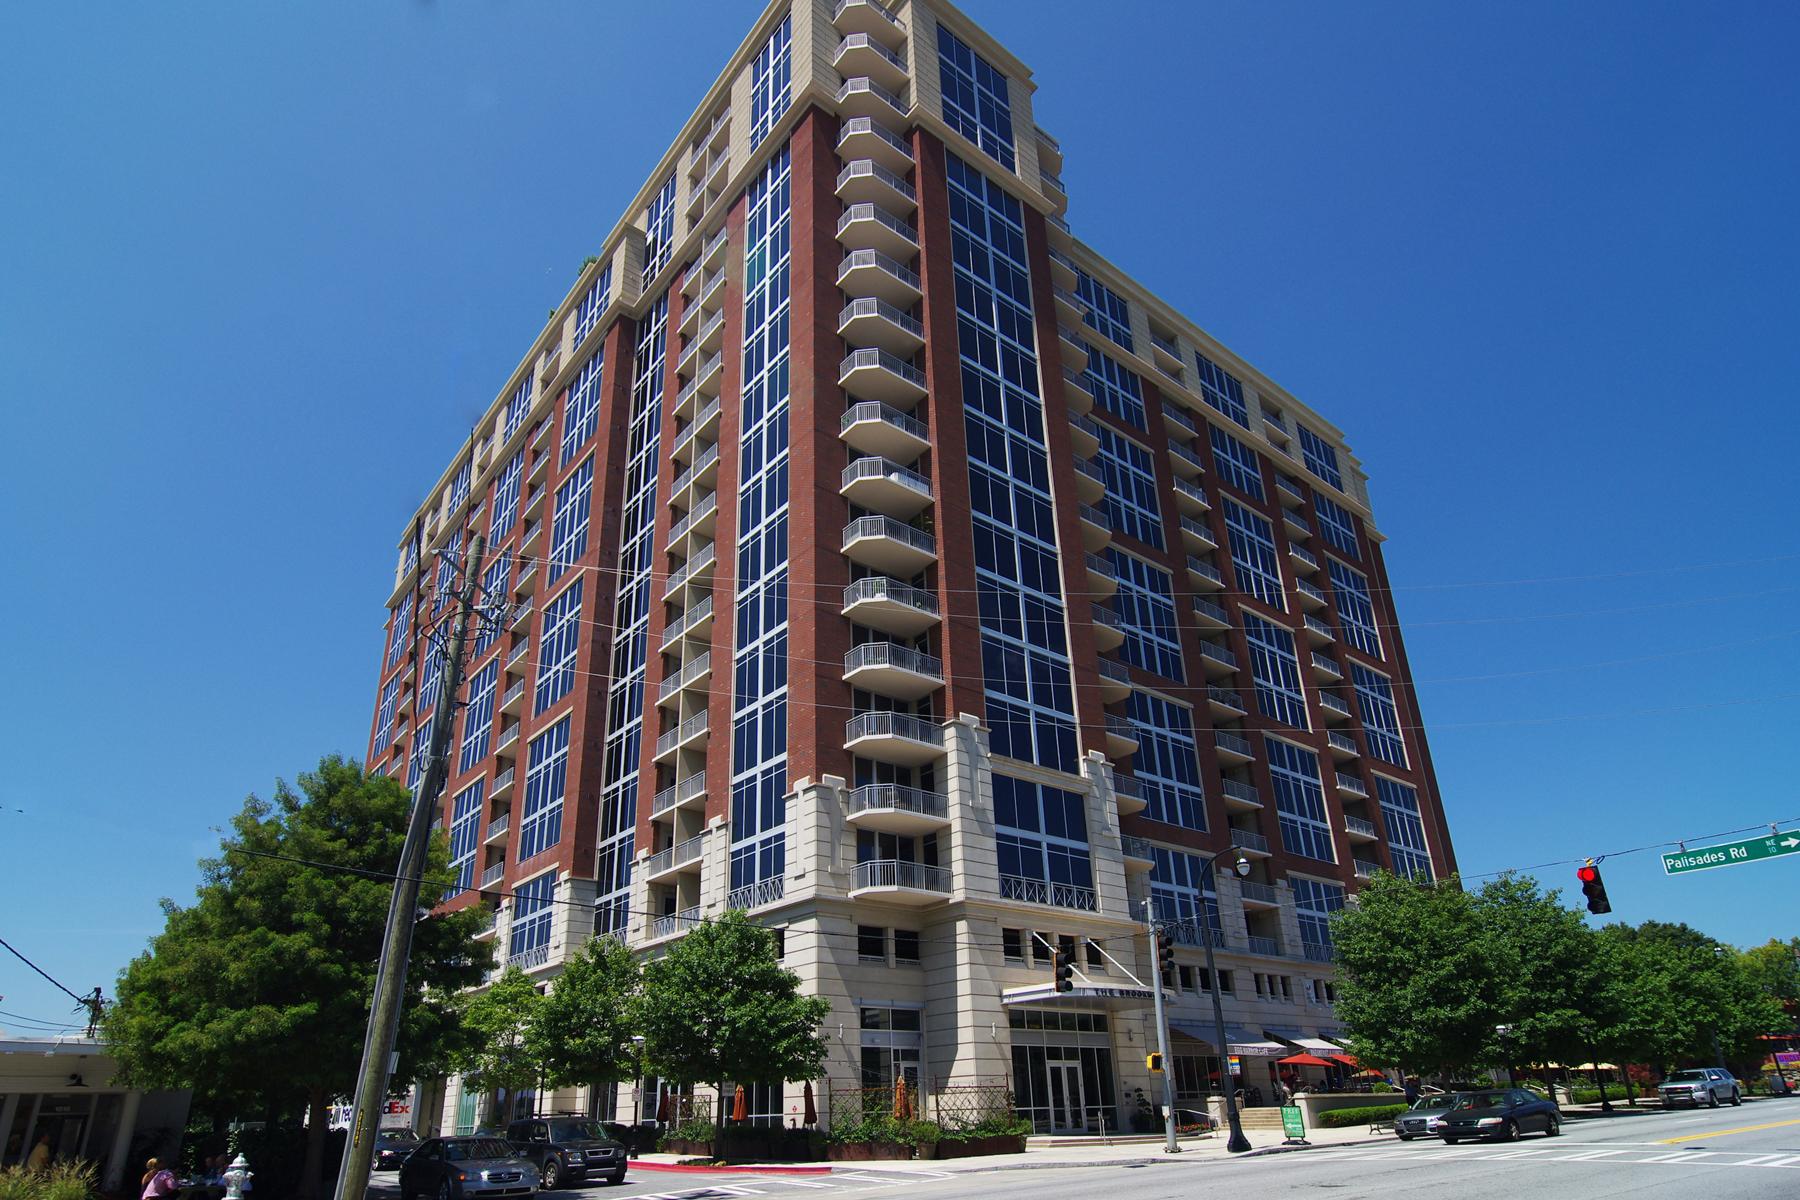 Eigentumswohnung für Verkauf beim Stunning Design Features 1820 Peachtree Street NW Unit 611 Atlanta, Georgia, 30309 Vereinigte Staaten